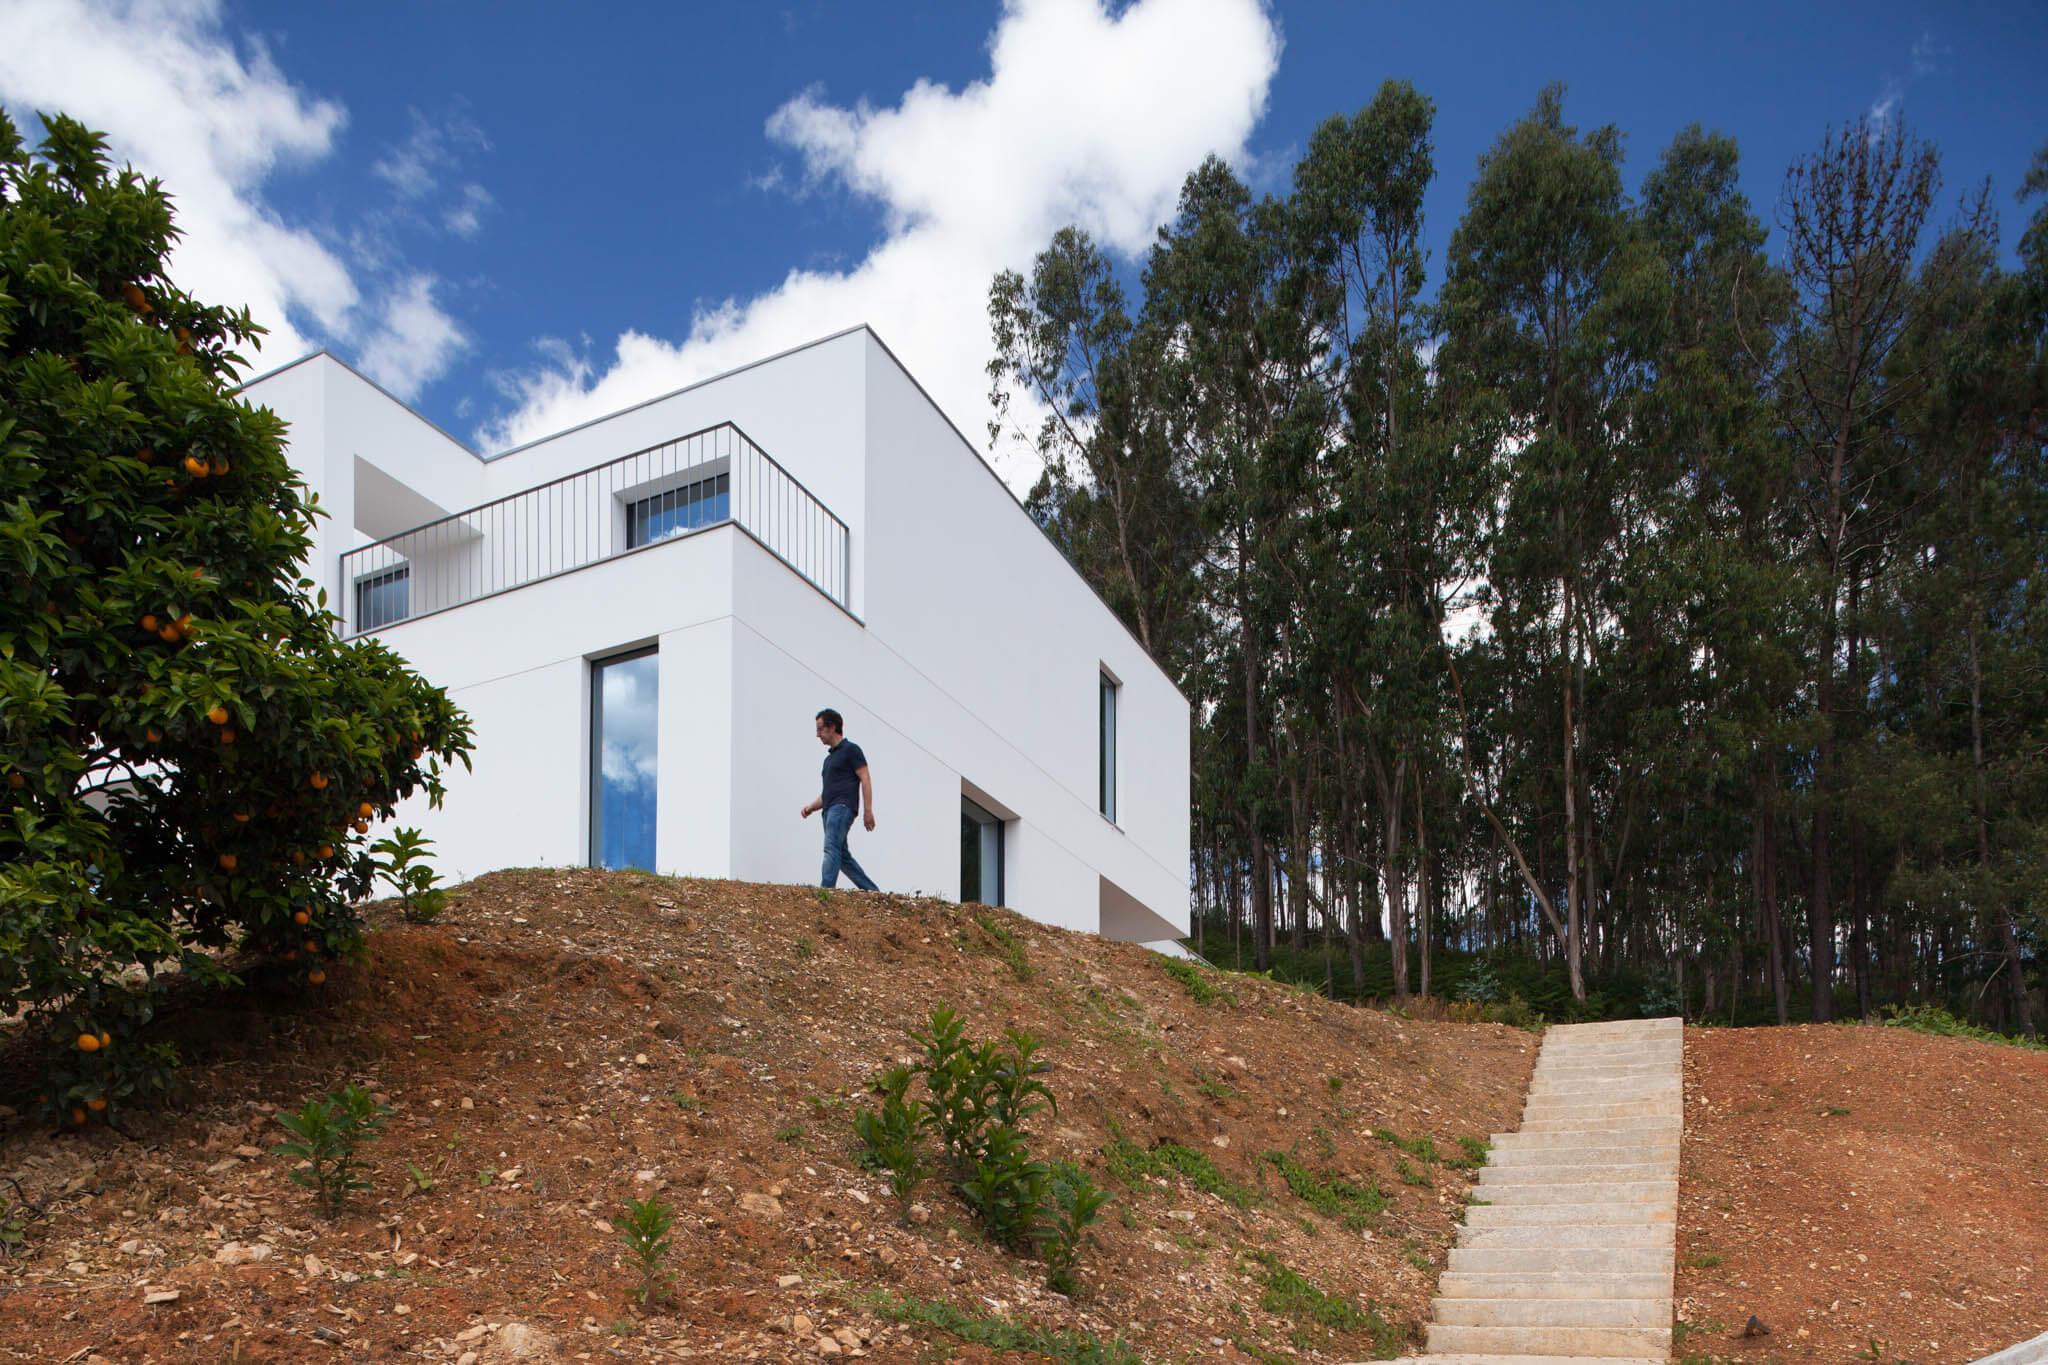 Casa Agueda Atelier De Arquitectura Numa 5 do fotografo Ivo Tavares Studio